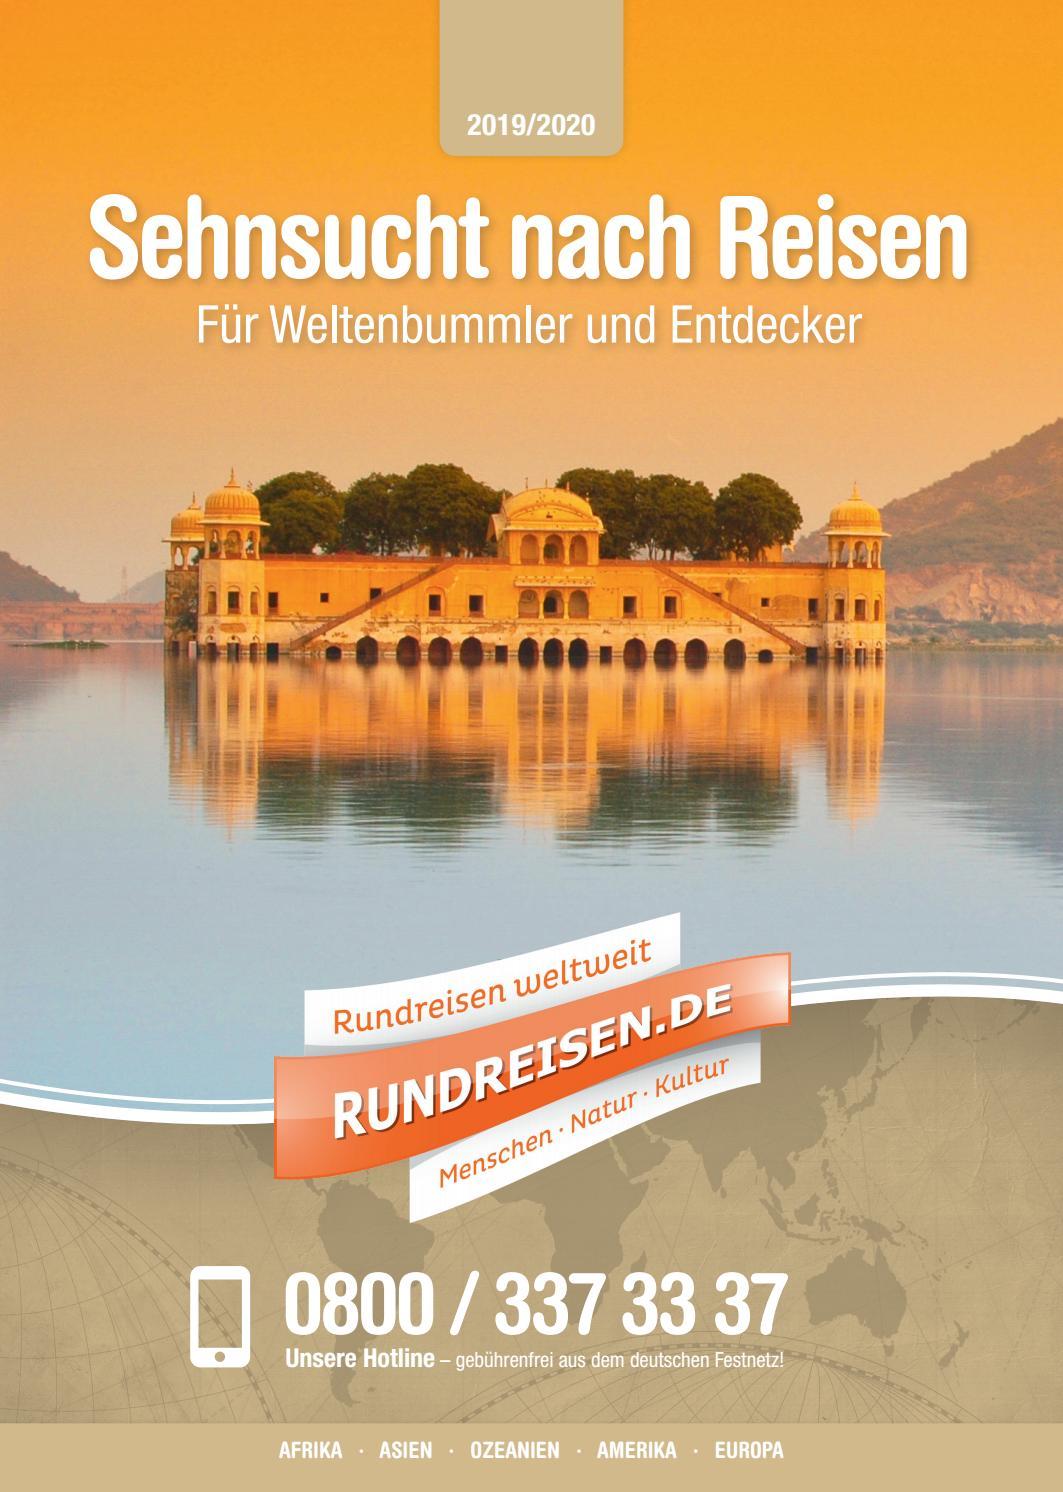 Englischer Garten Parken Frisch Sehnsucht Nach Reisen 2019 20 by Rundreisen issuu